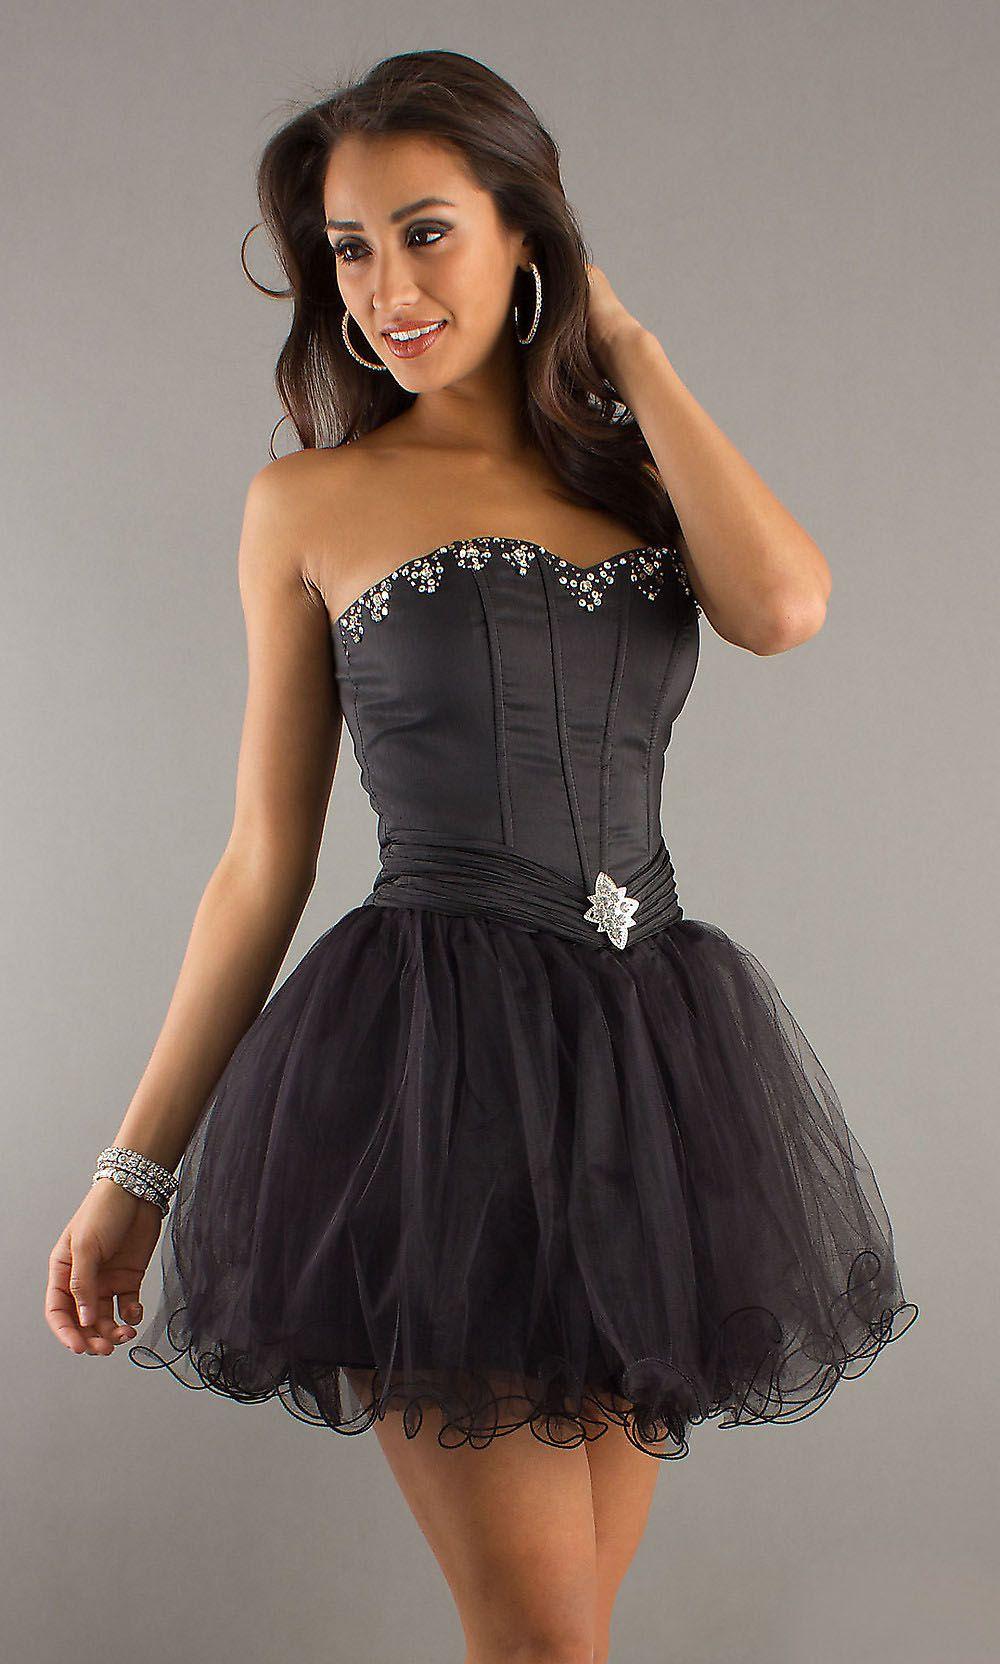 Ballerina mesh skirt black dress corset bodice strapless short